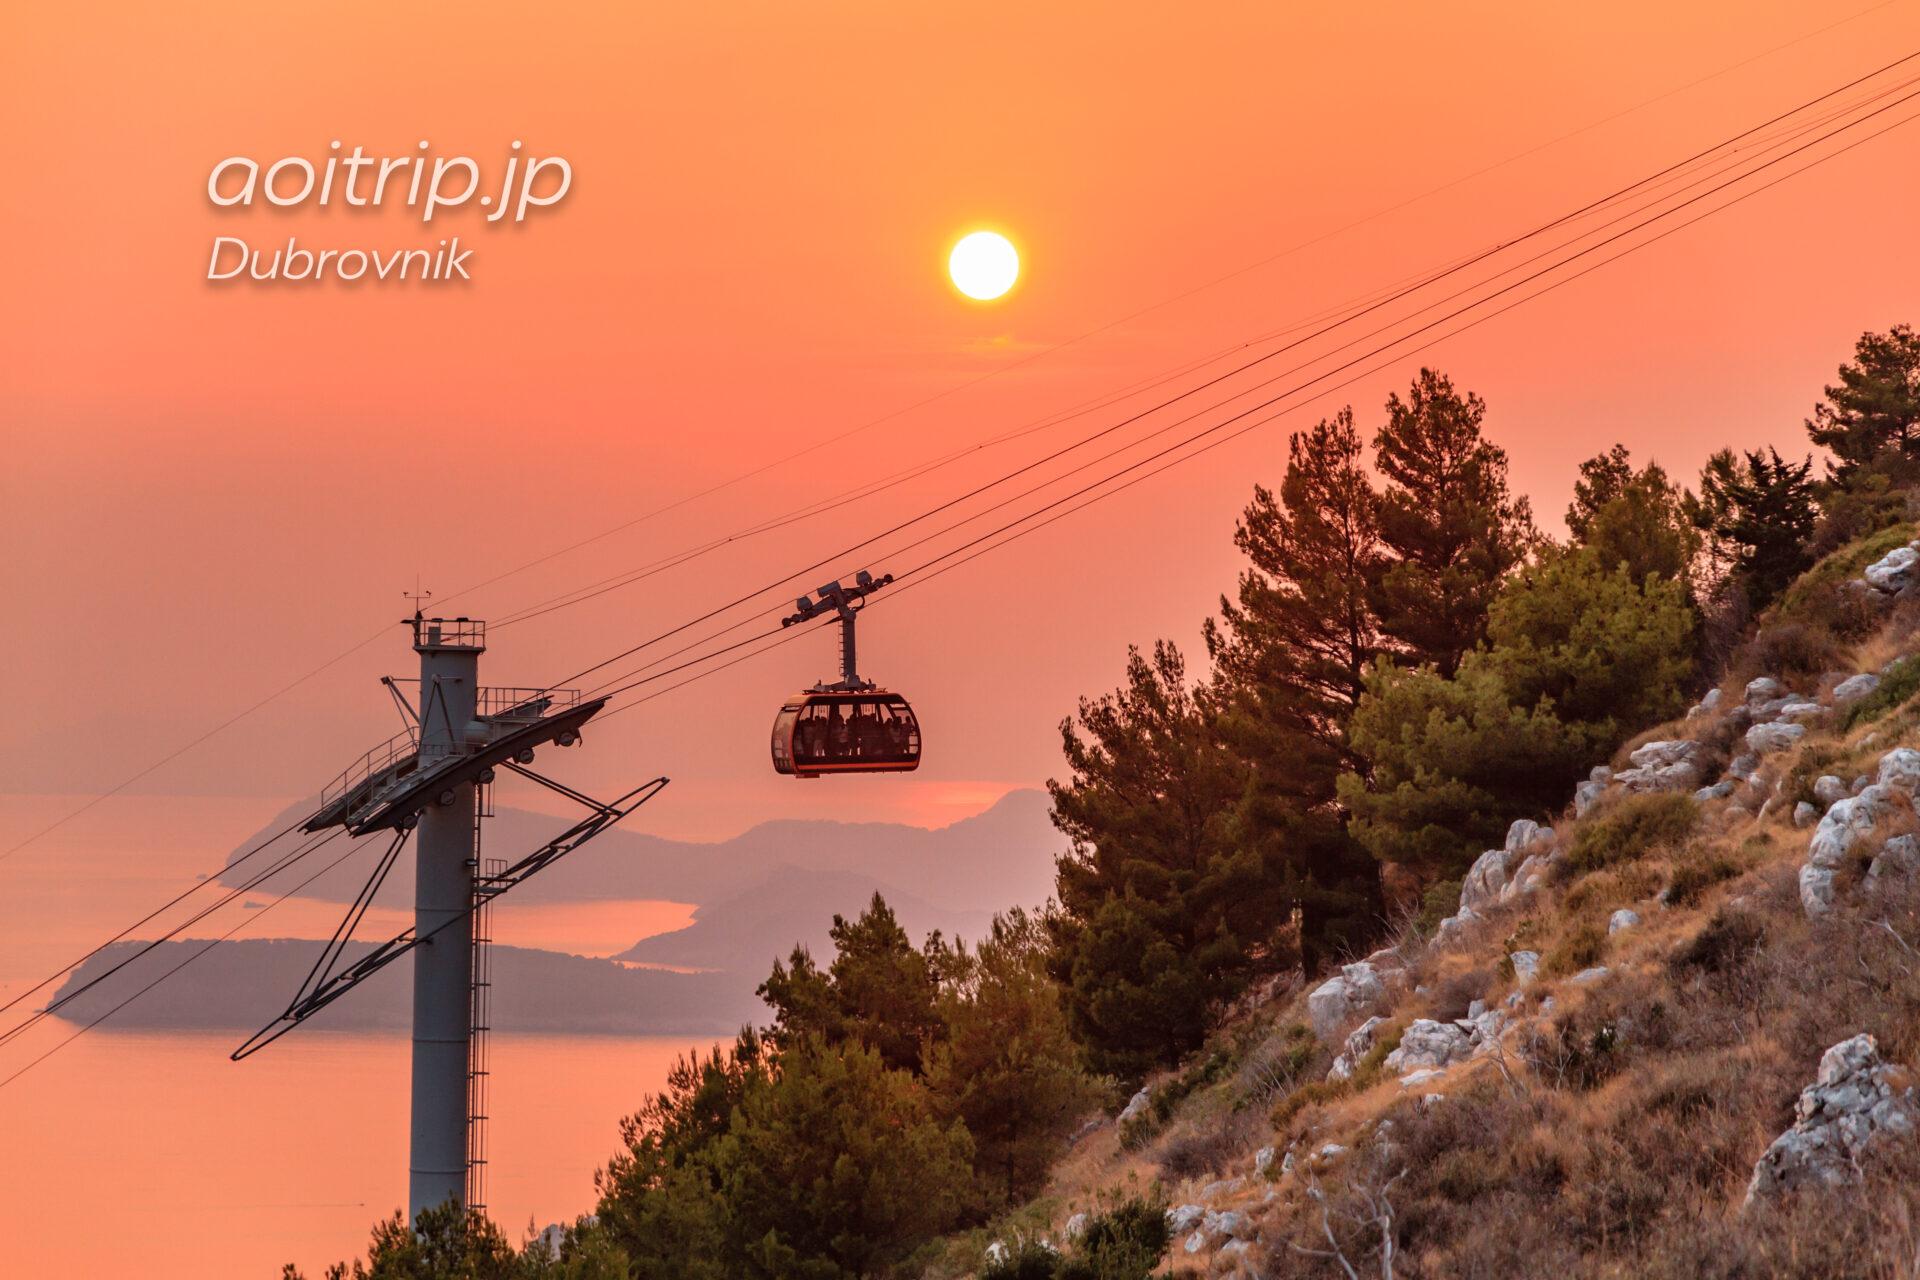 ドブロブニク スルジ山・ロープウェイ越しの夕日